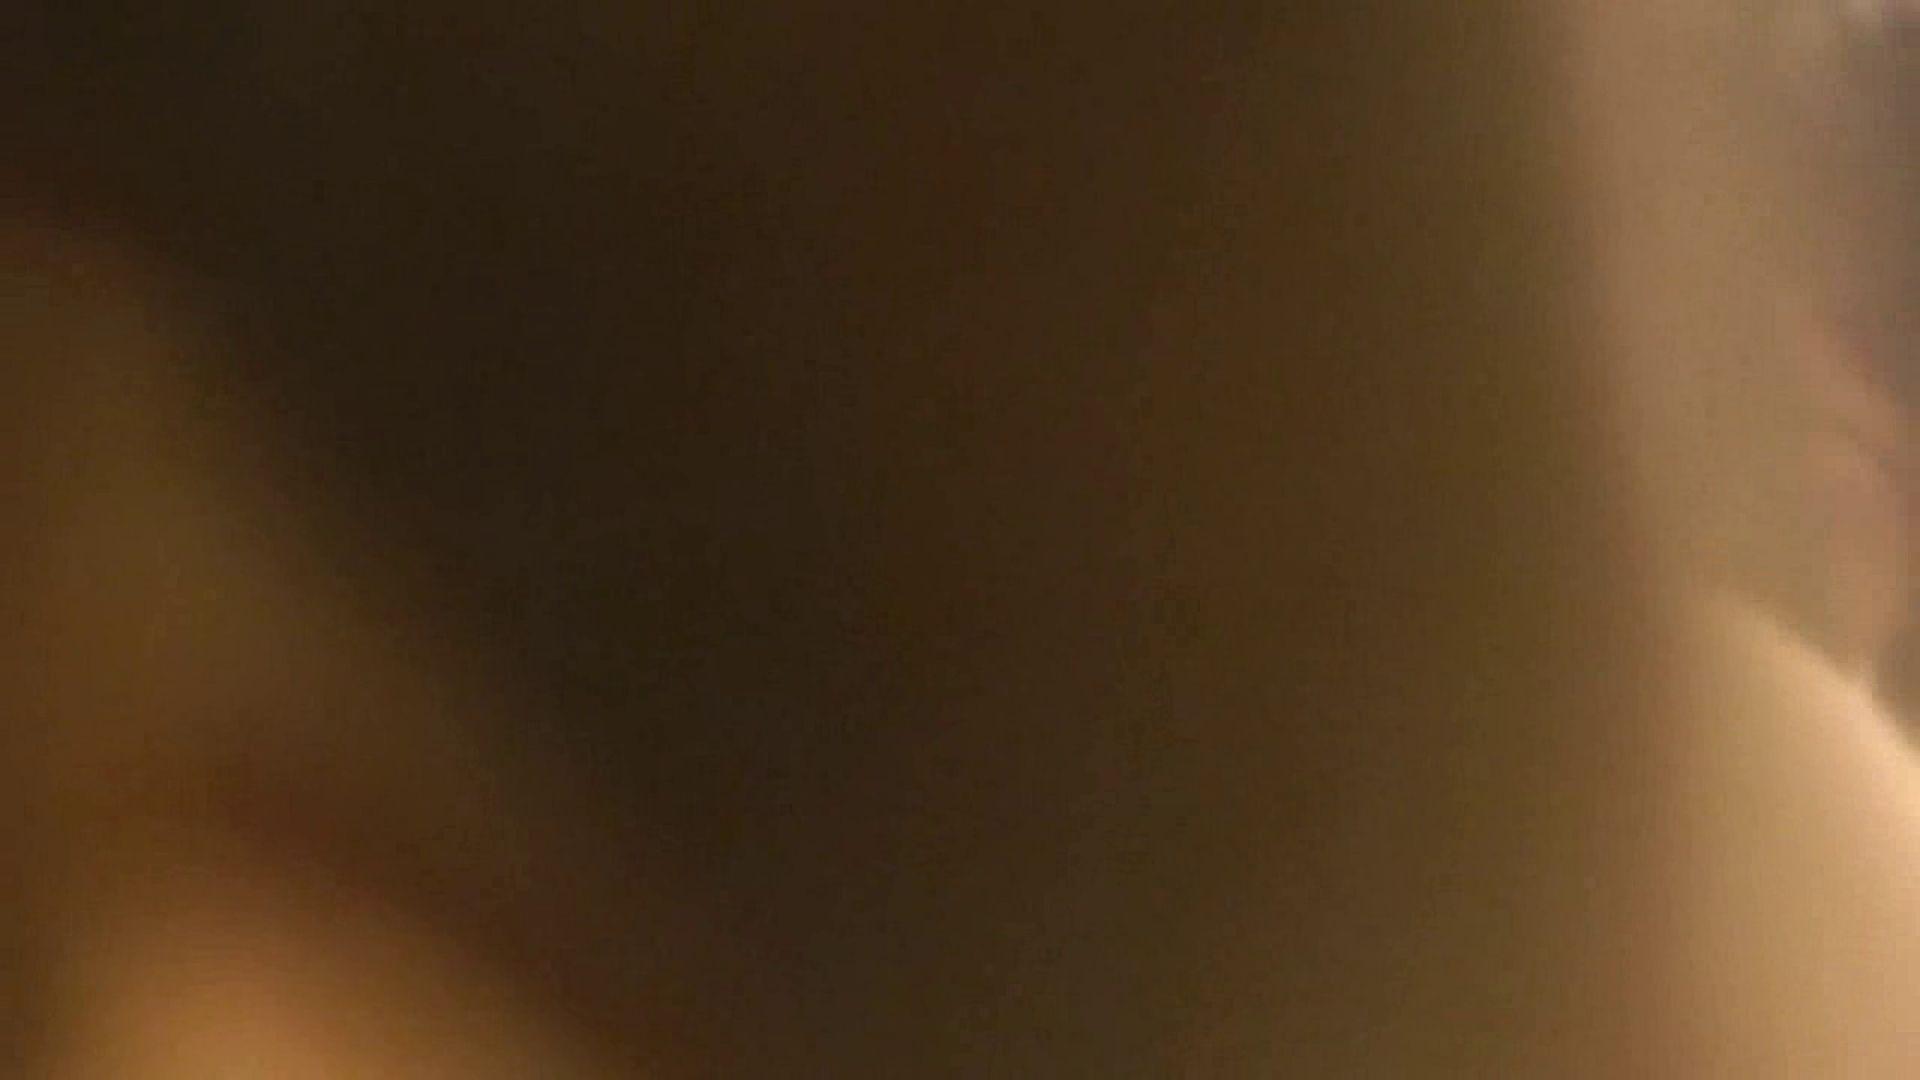 vol.1 Mayumi 窓越しに入浴シーン撮影に成功 いやらしいOL | 0  60連発 25